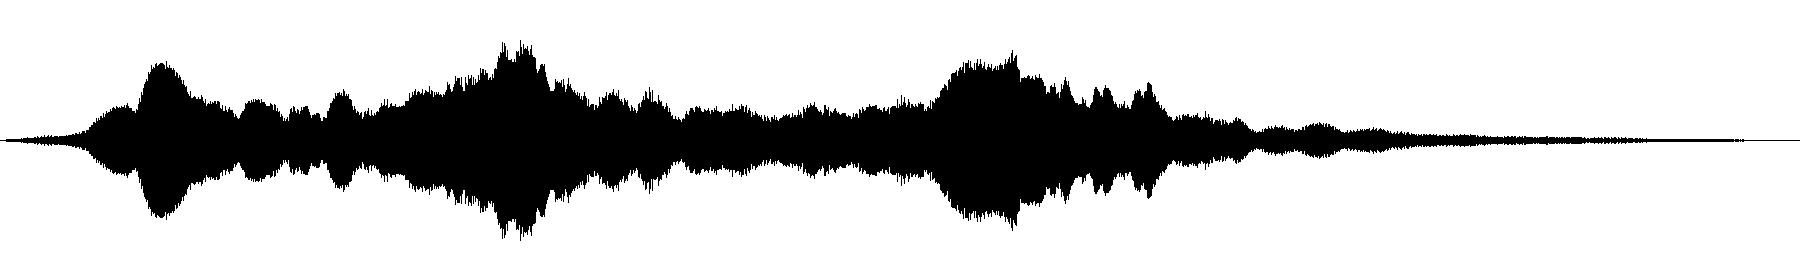 vfx1 atmos 58